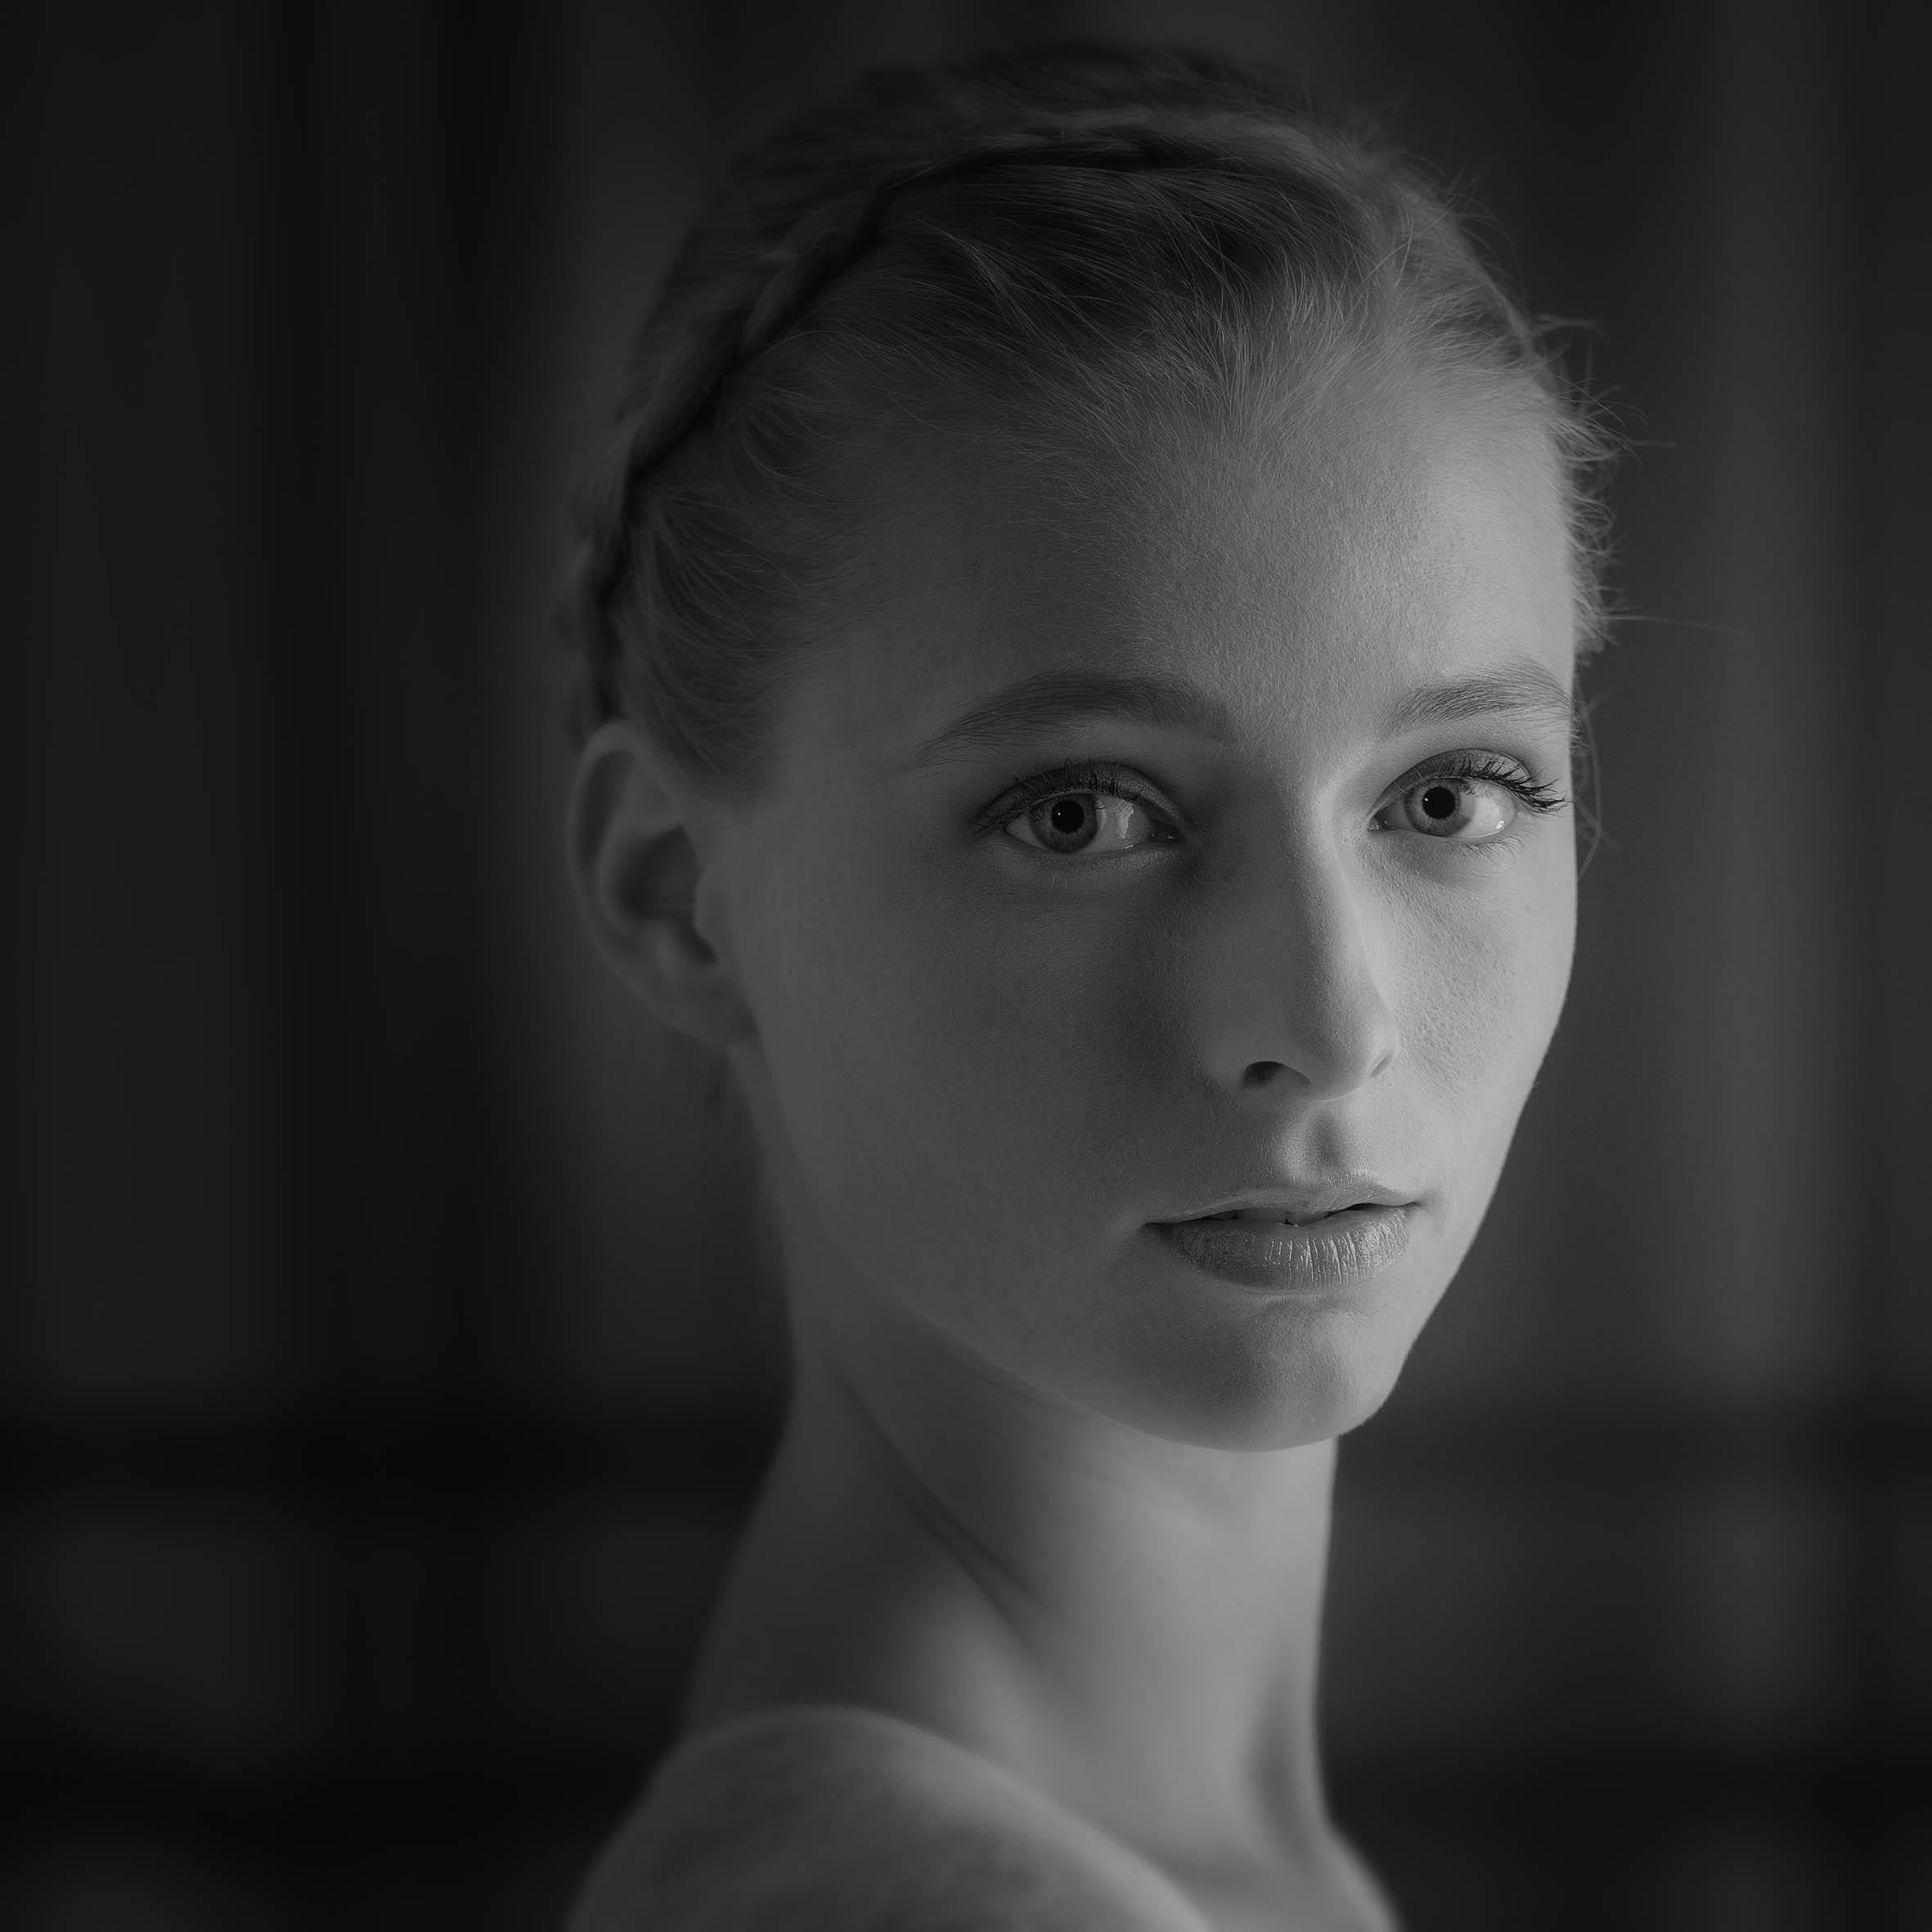 Arthur Los Fotografie - Zwart Wit